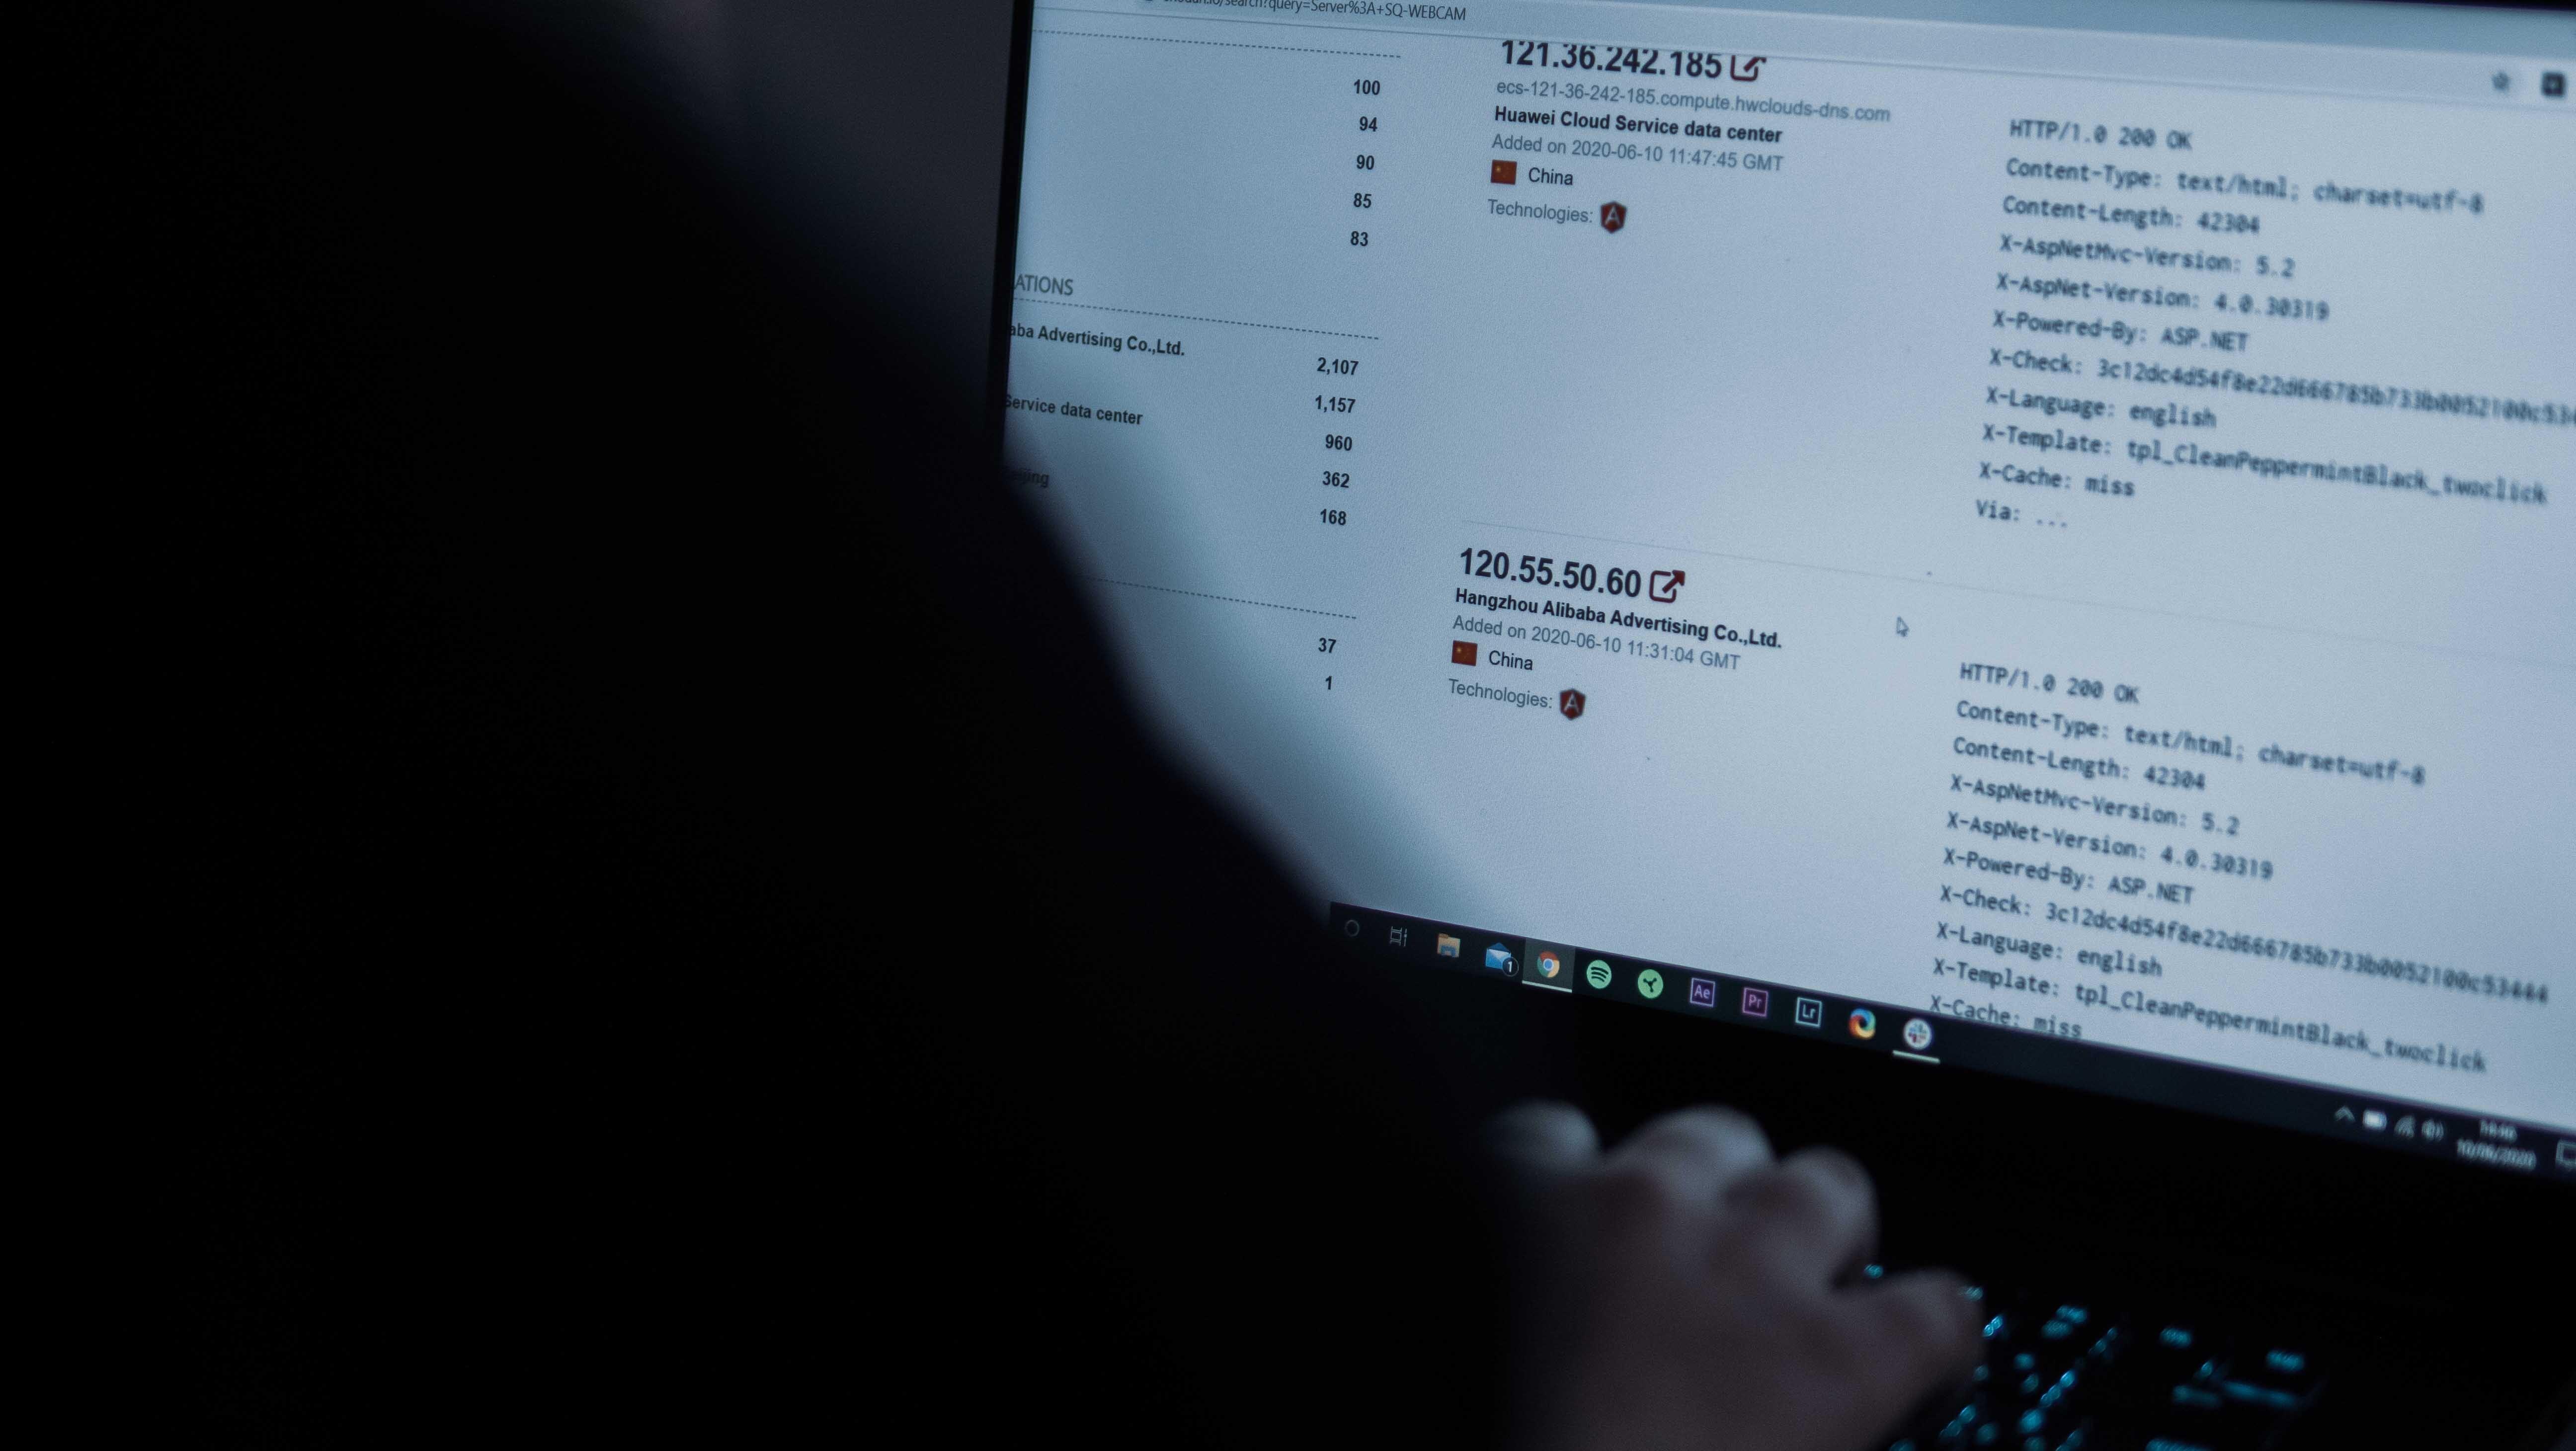 Les hackers prennent moins de 9h pour trouver et attaquer une base de données exposée